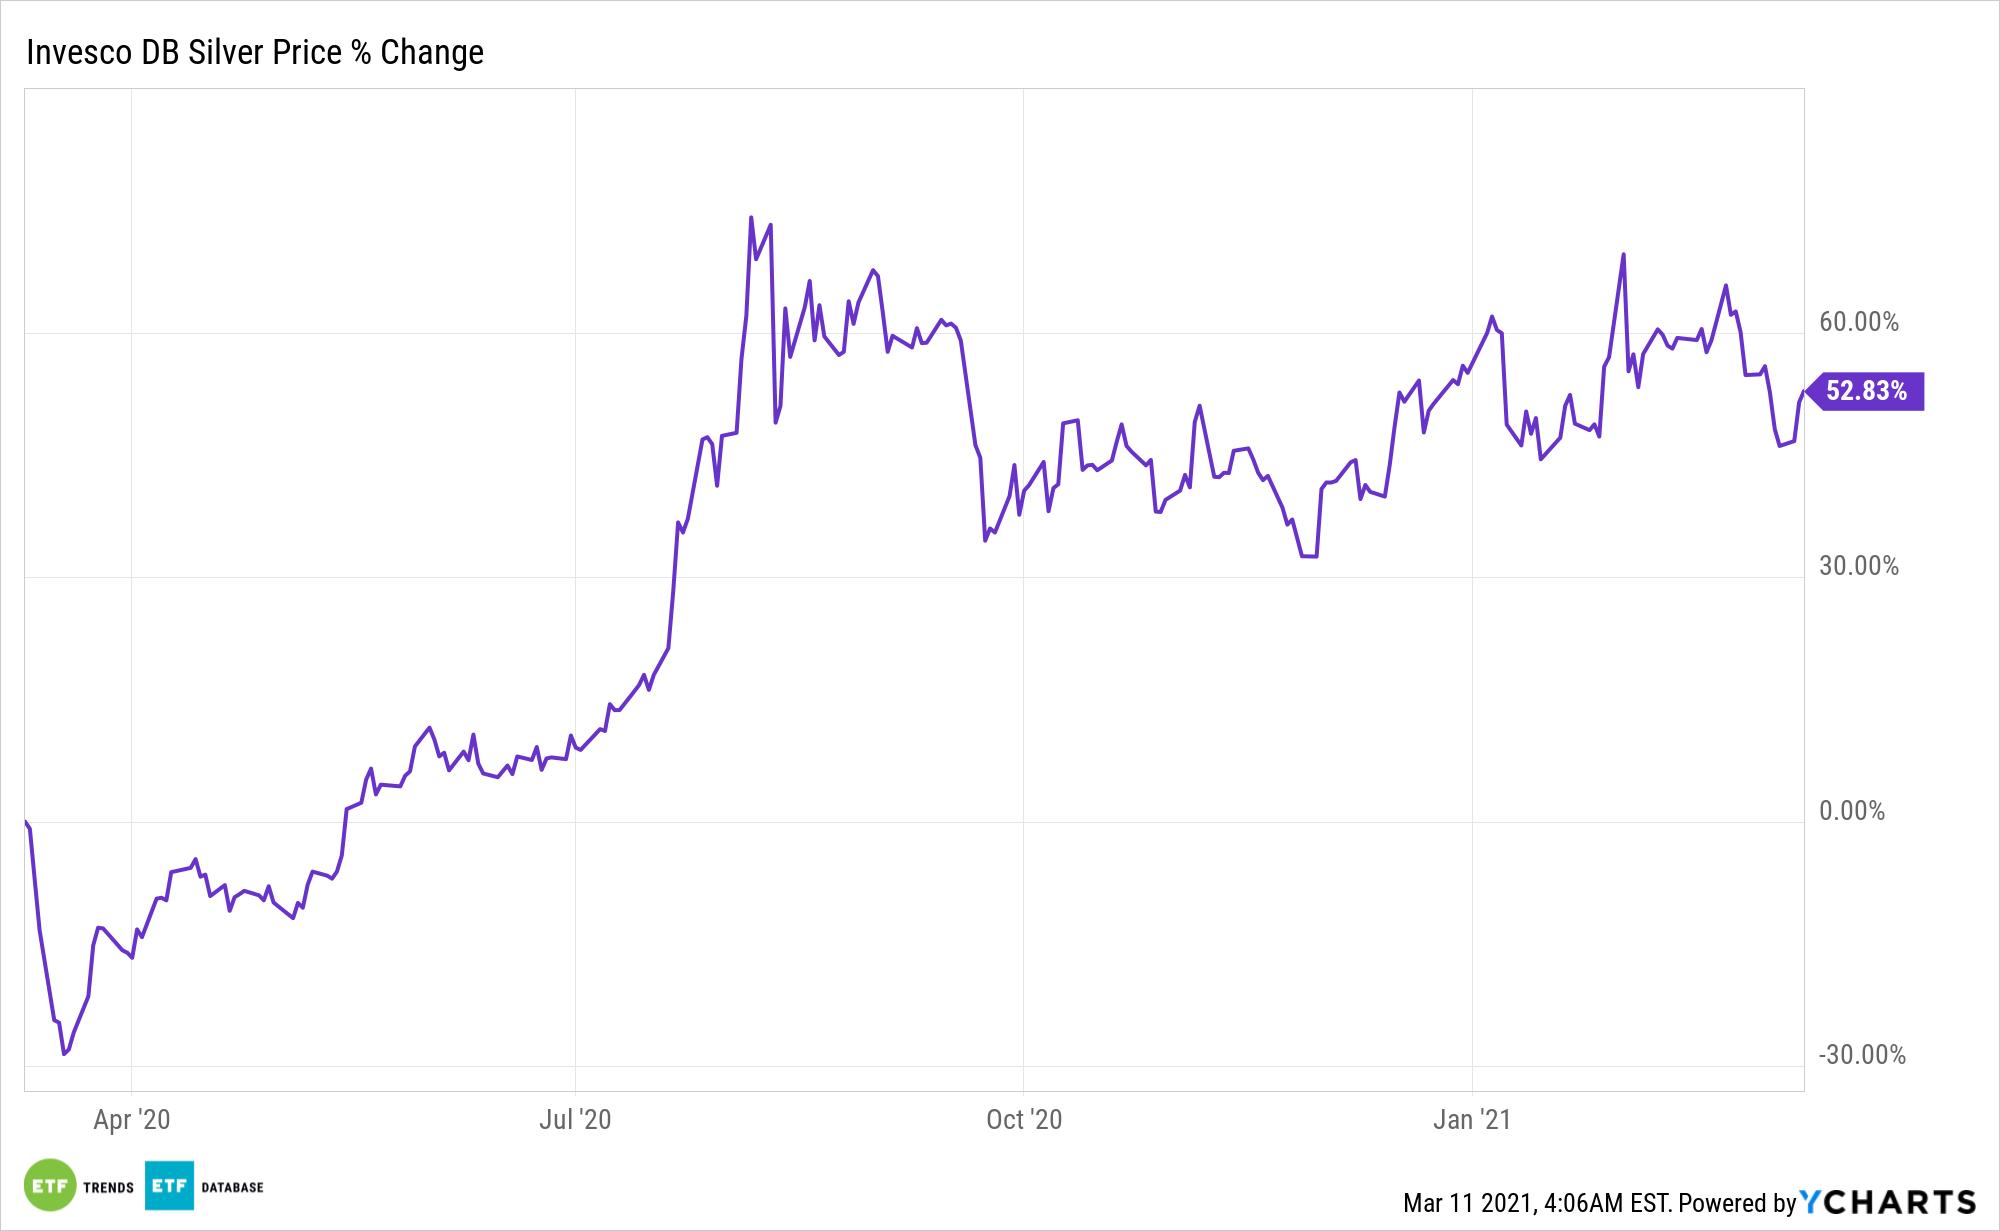 DBS Chart